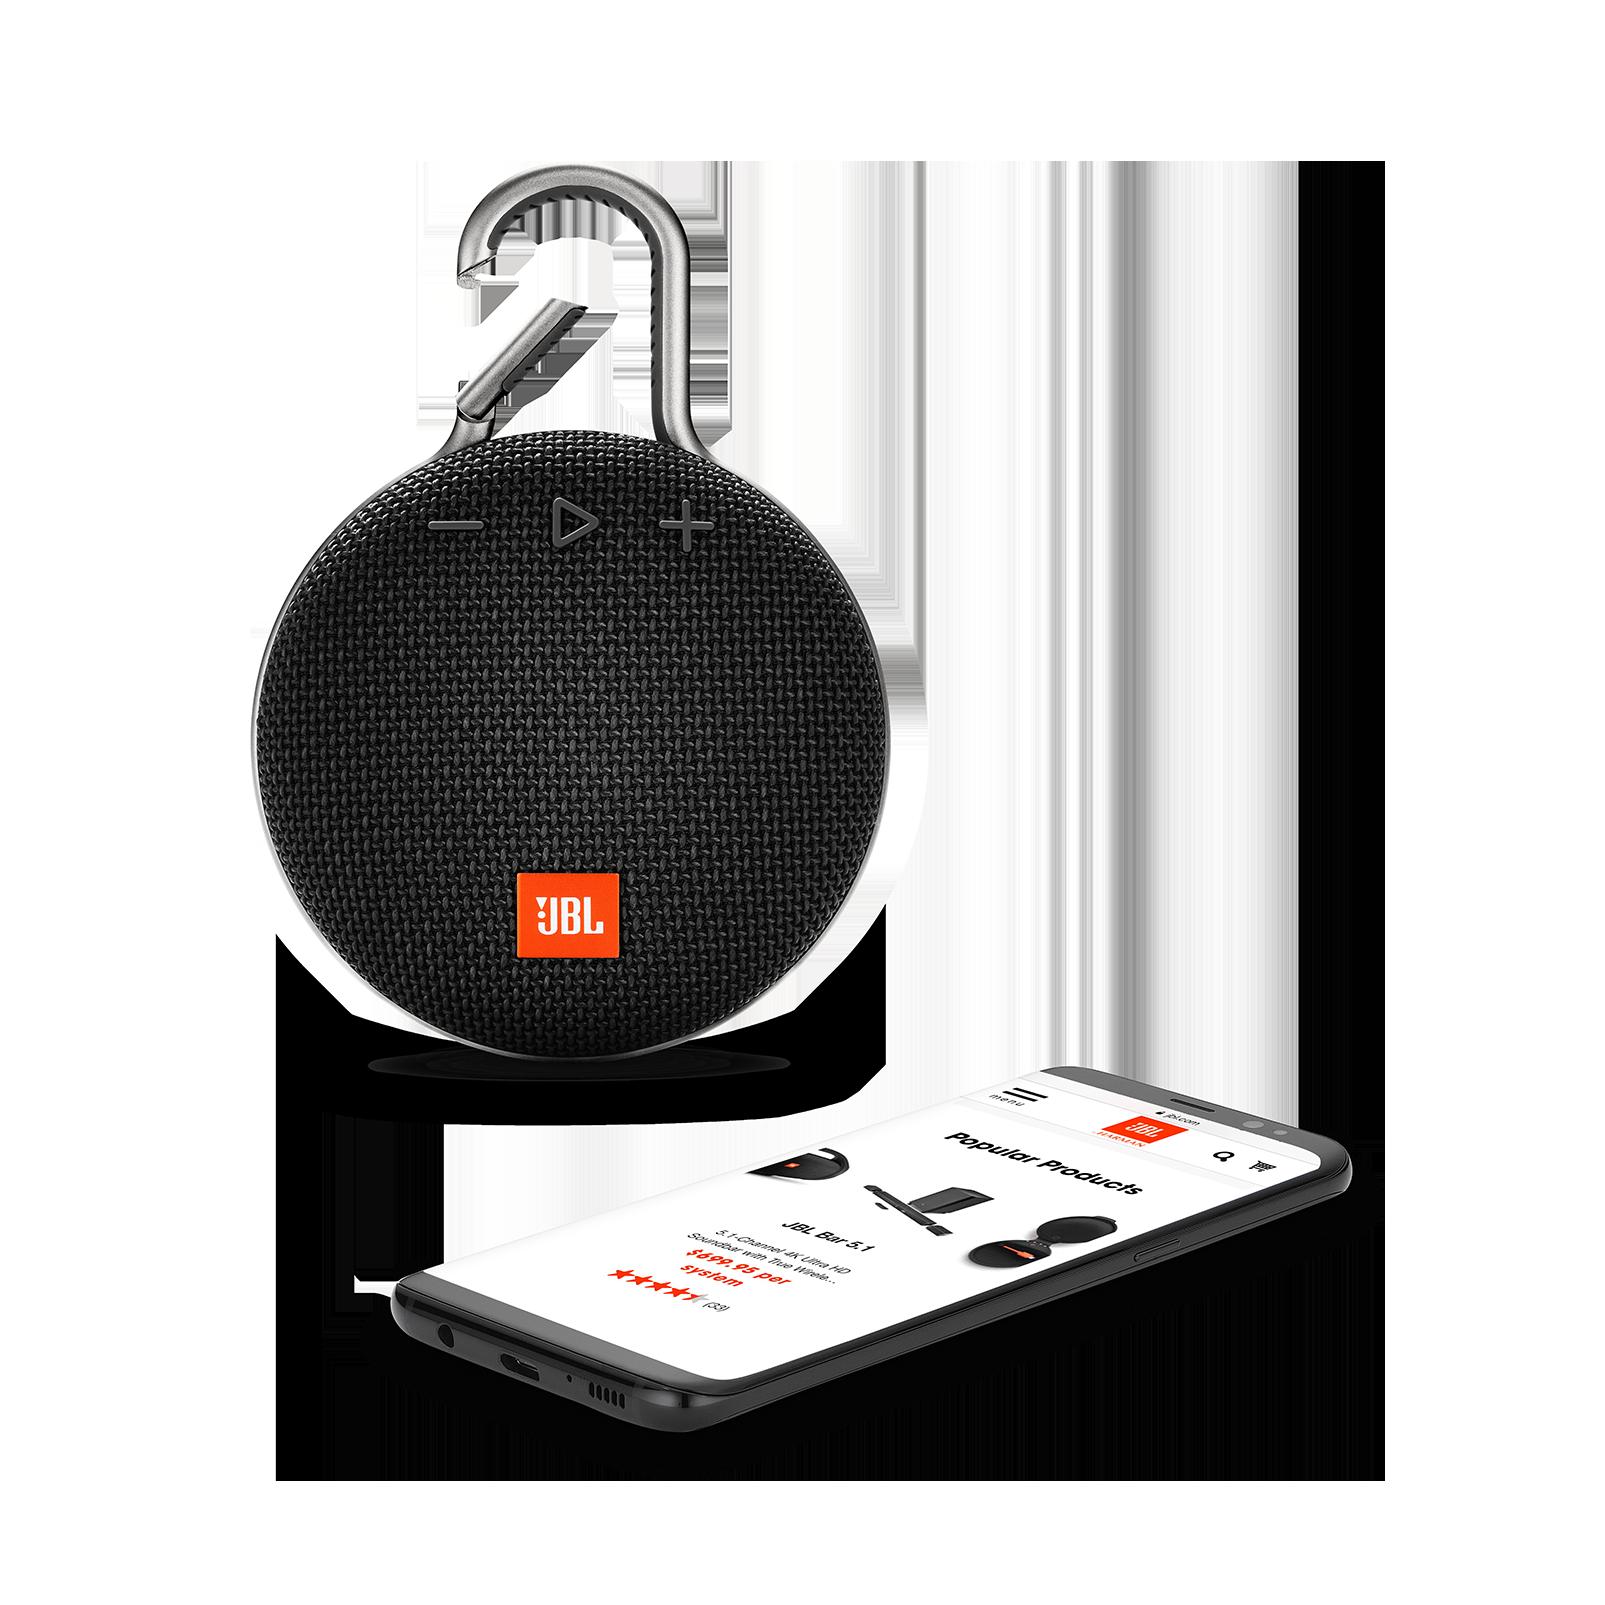 JBL CLIP 3 - Midnight Black - Portable Bluetooth® speaker - Detailshot 1